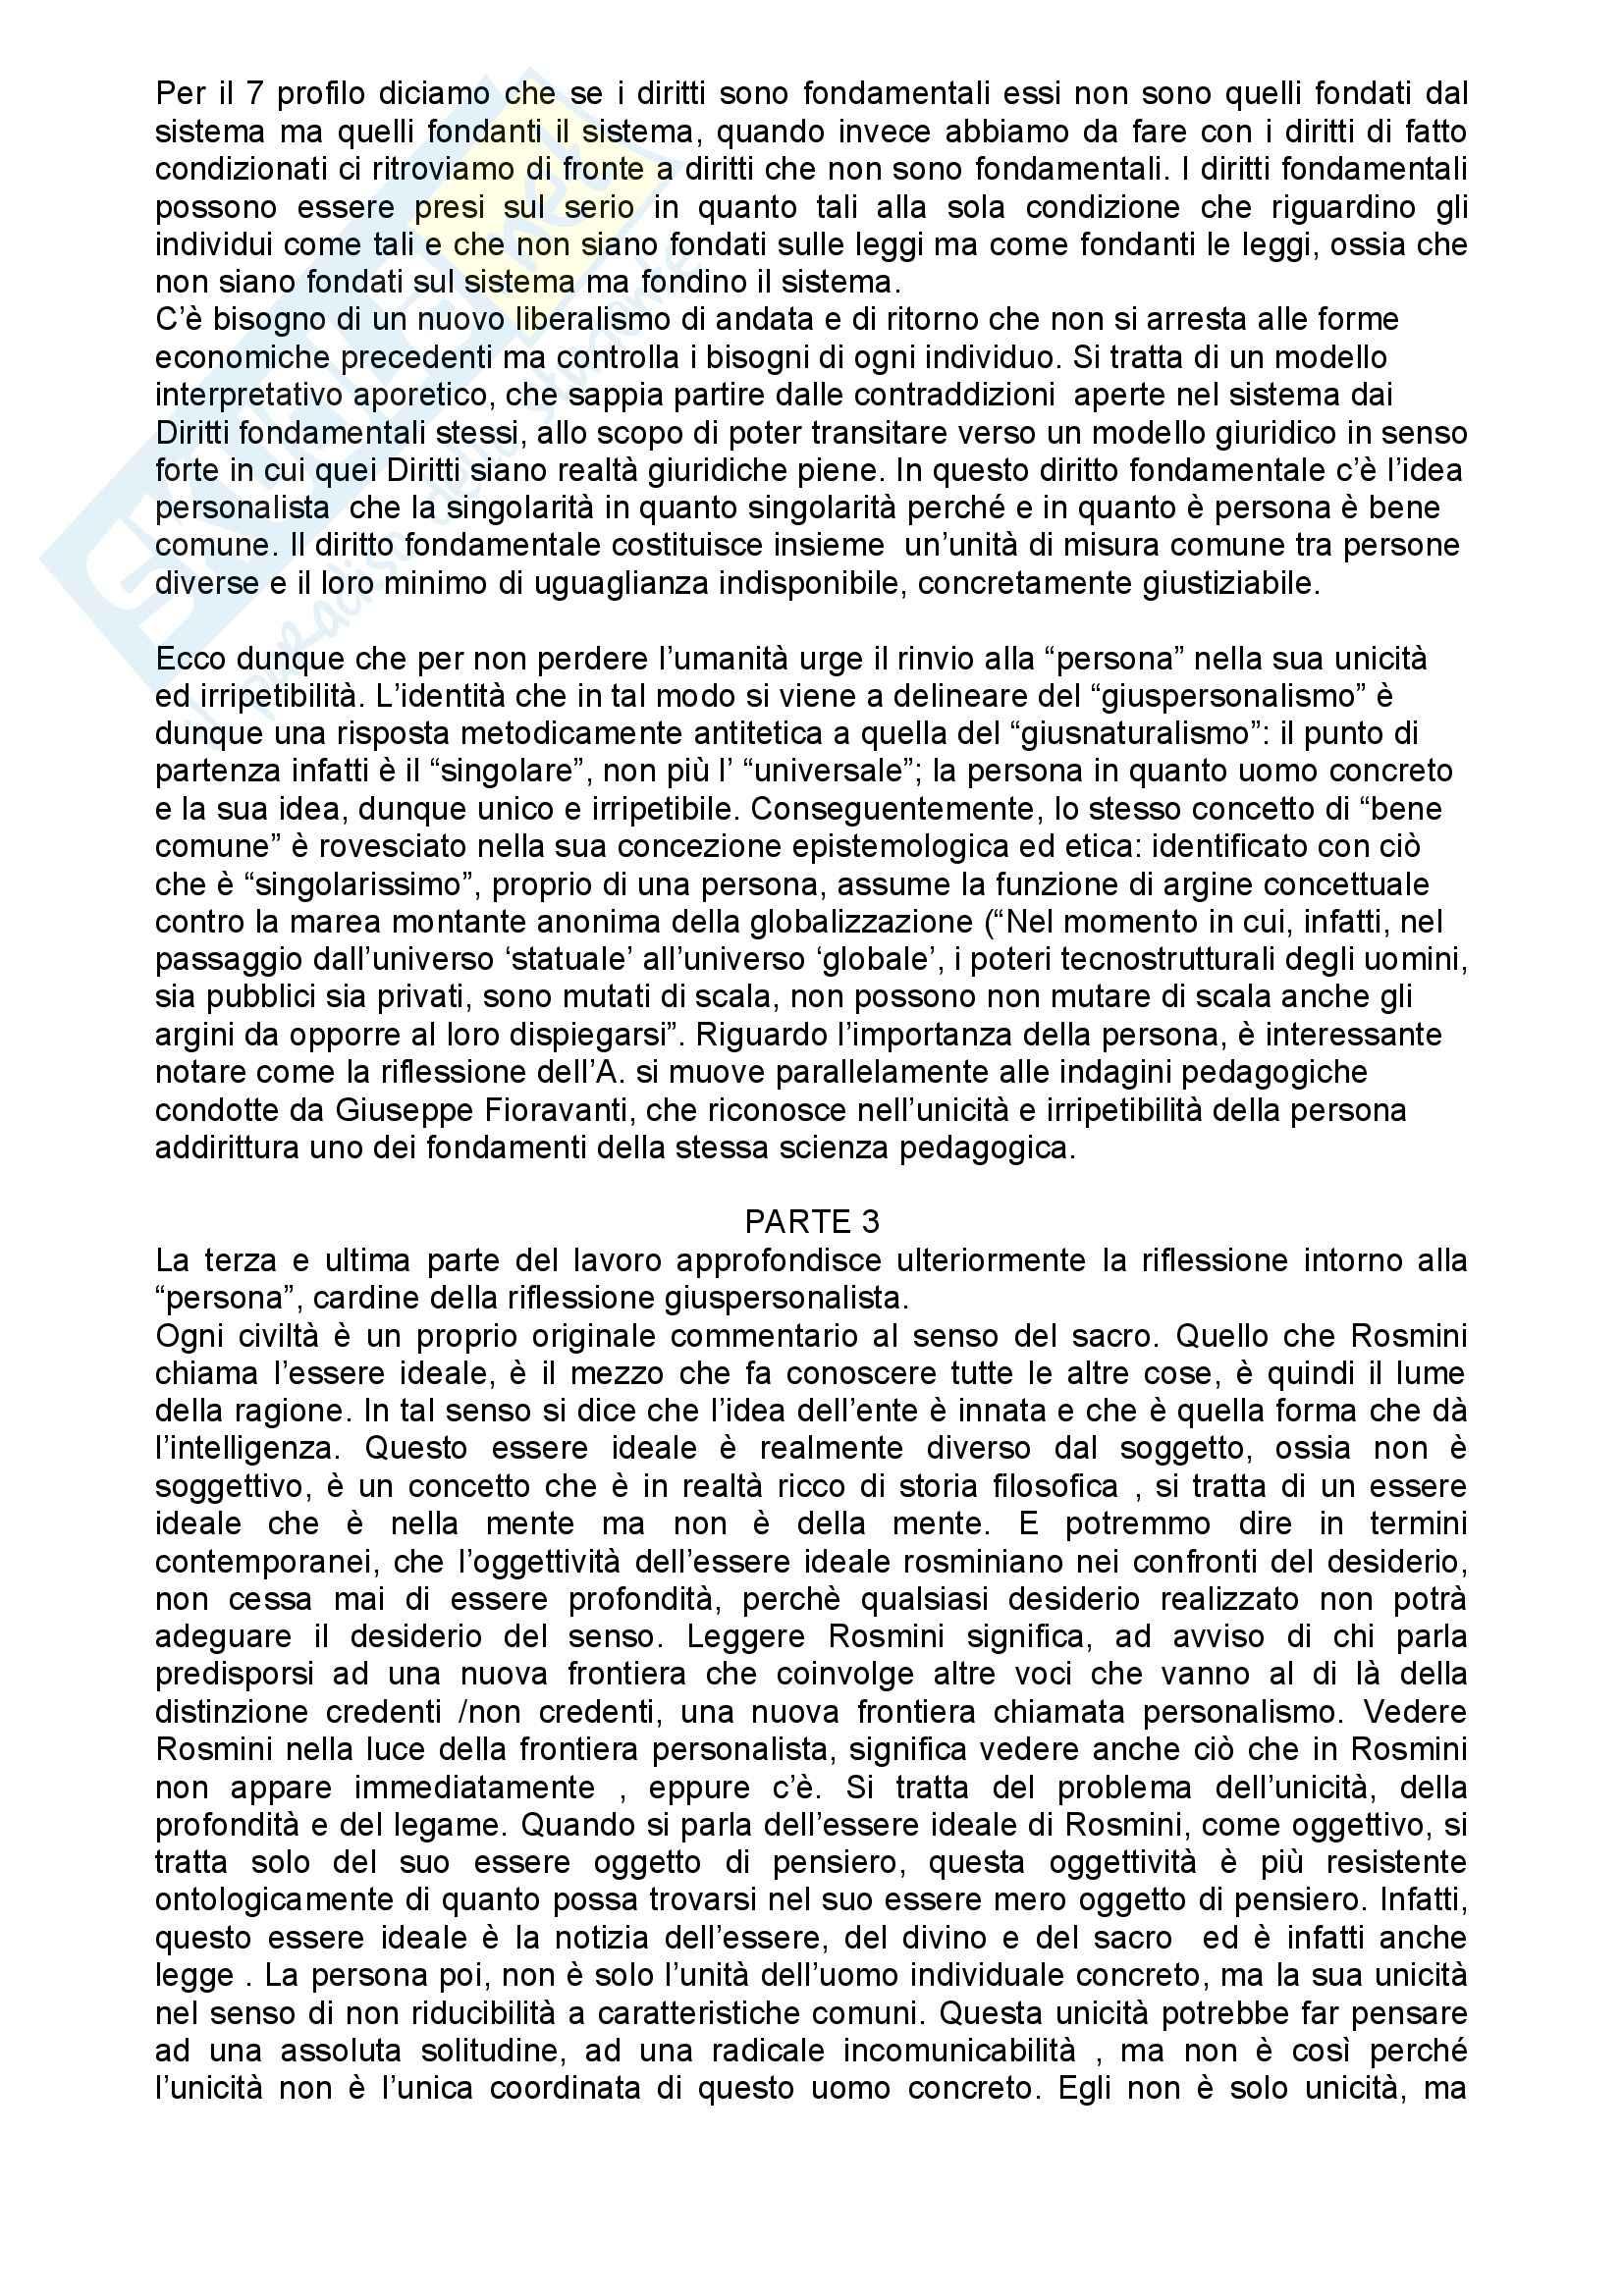 Sociologia dell'educazione – Giusnaturalismo e giuspersonalismo Pag. 6